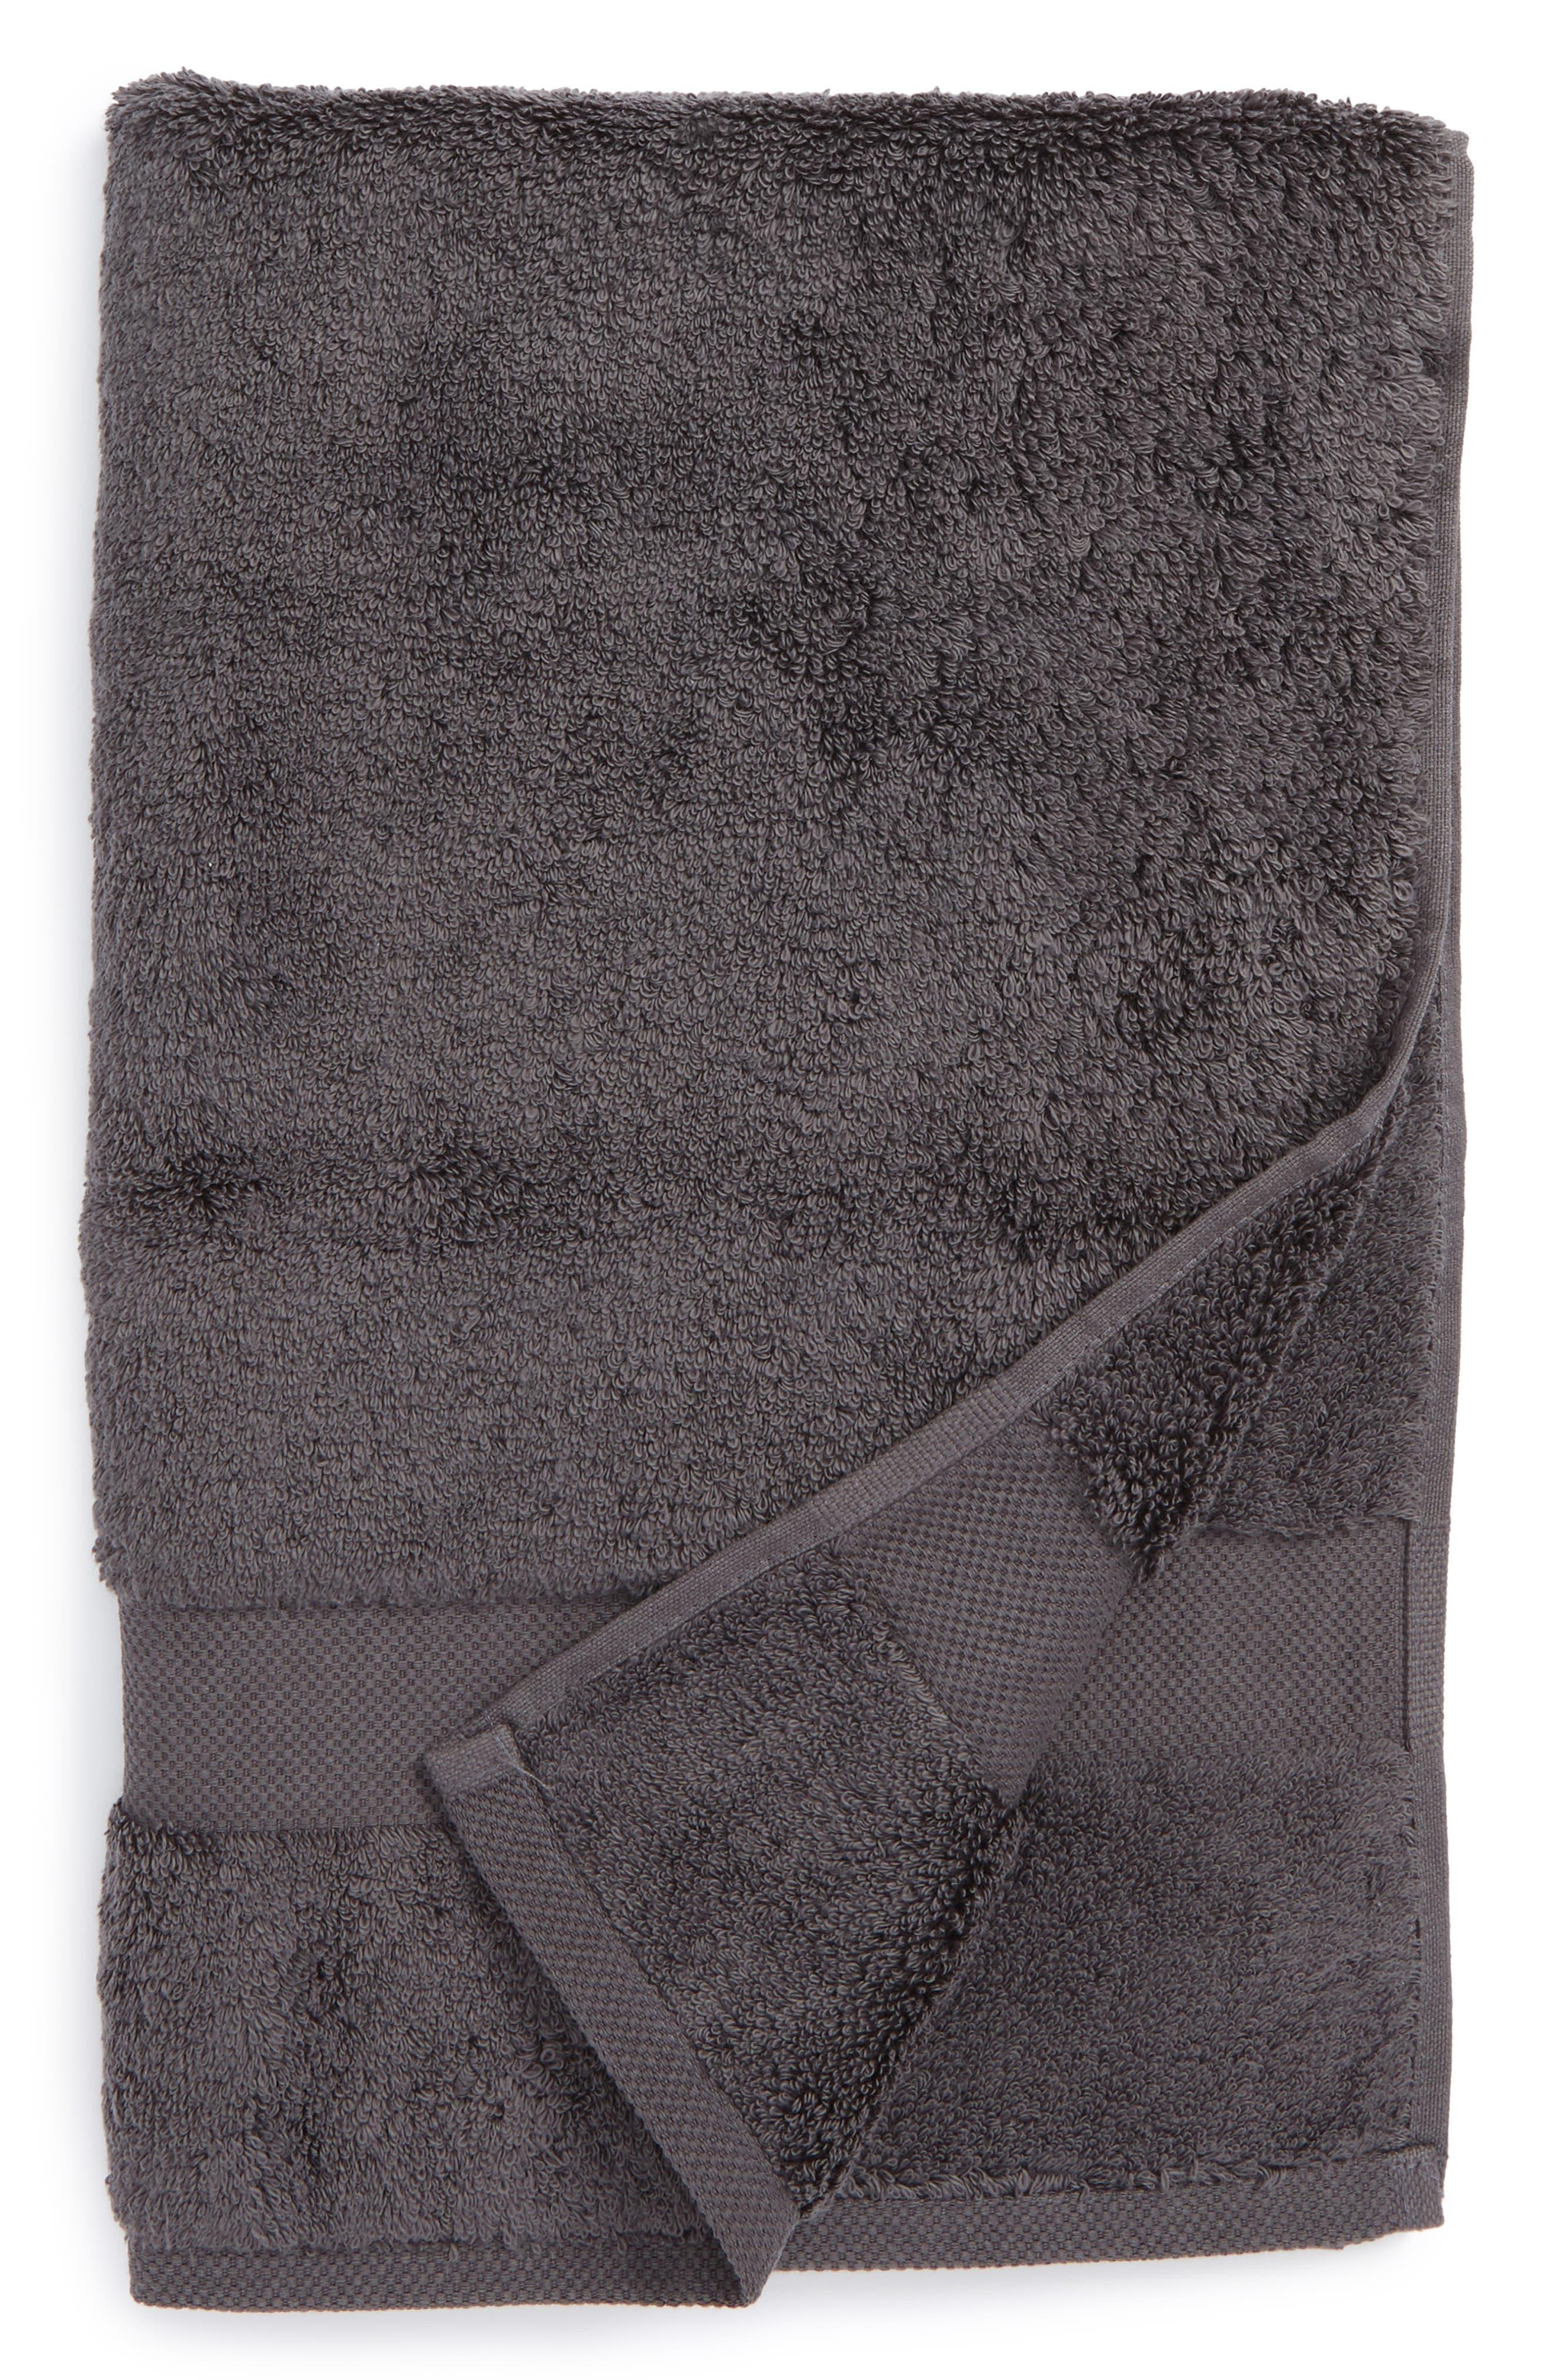 Alternate Image 1 Selected - Matouk Lotus Hand Towel